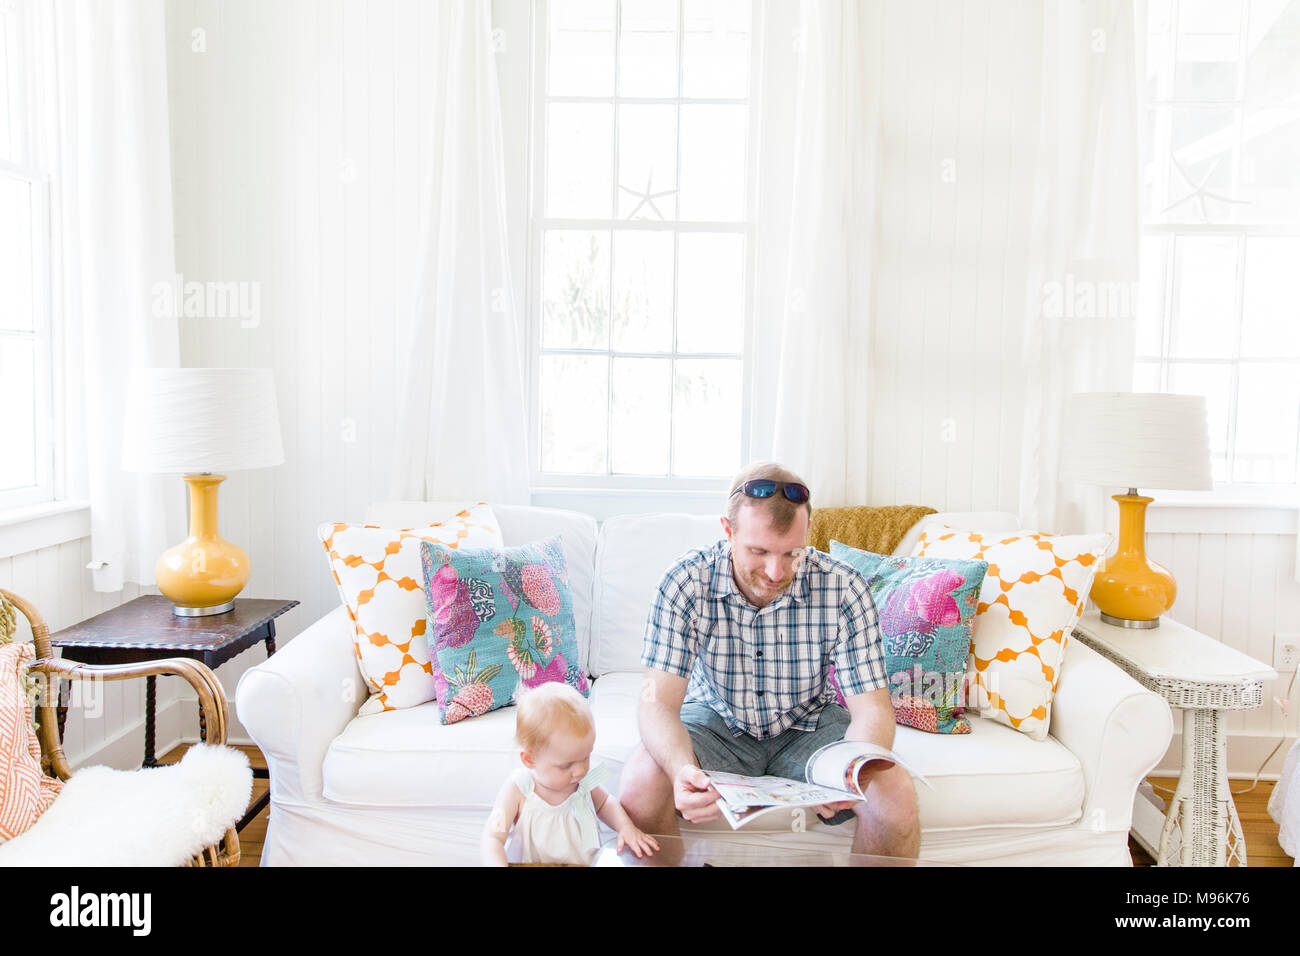 Hombre con gafas, leyendo junto al bebé Imagen De Stock